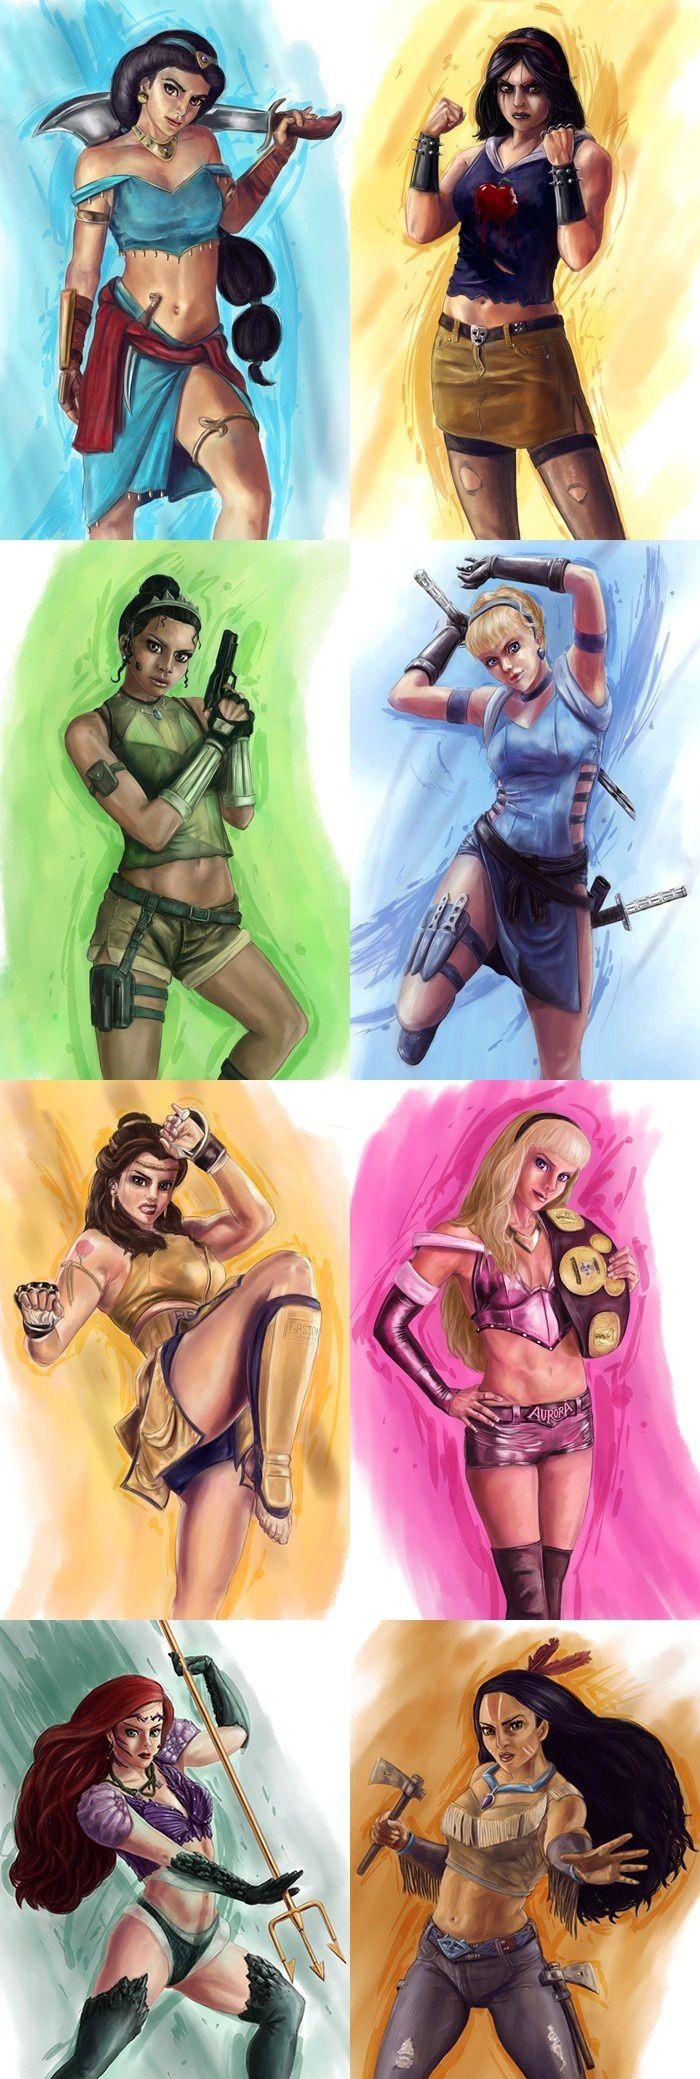 princesses-disney-guerrieres. I like the idea of badass princesses